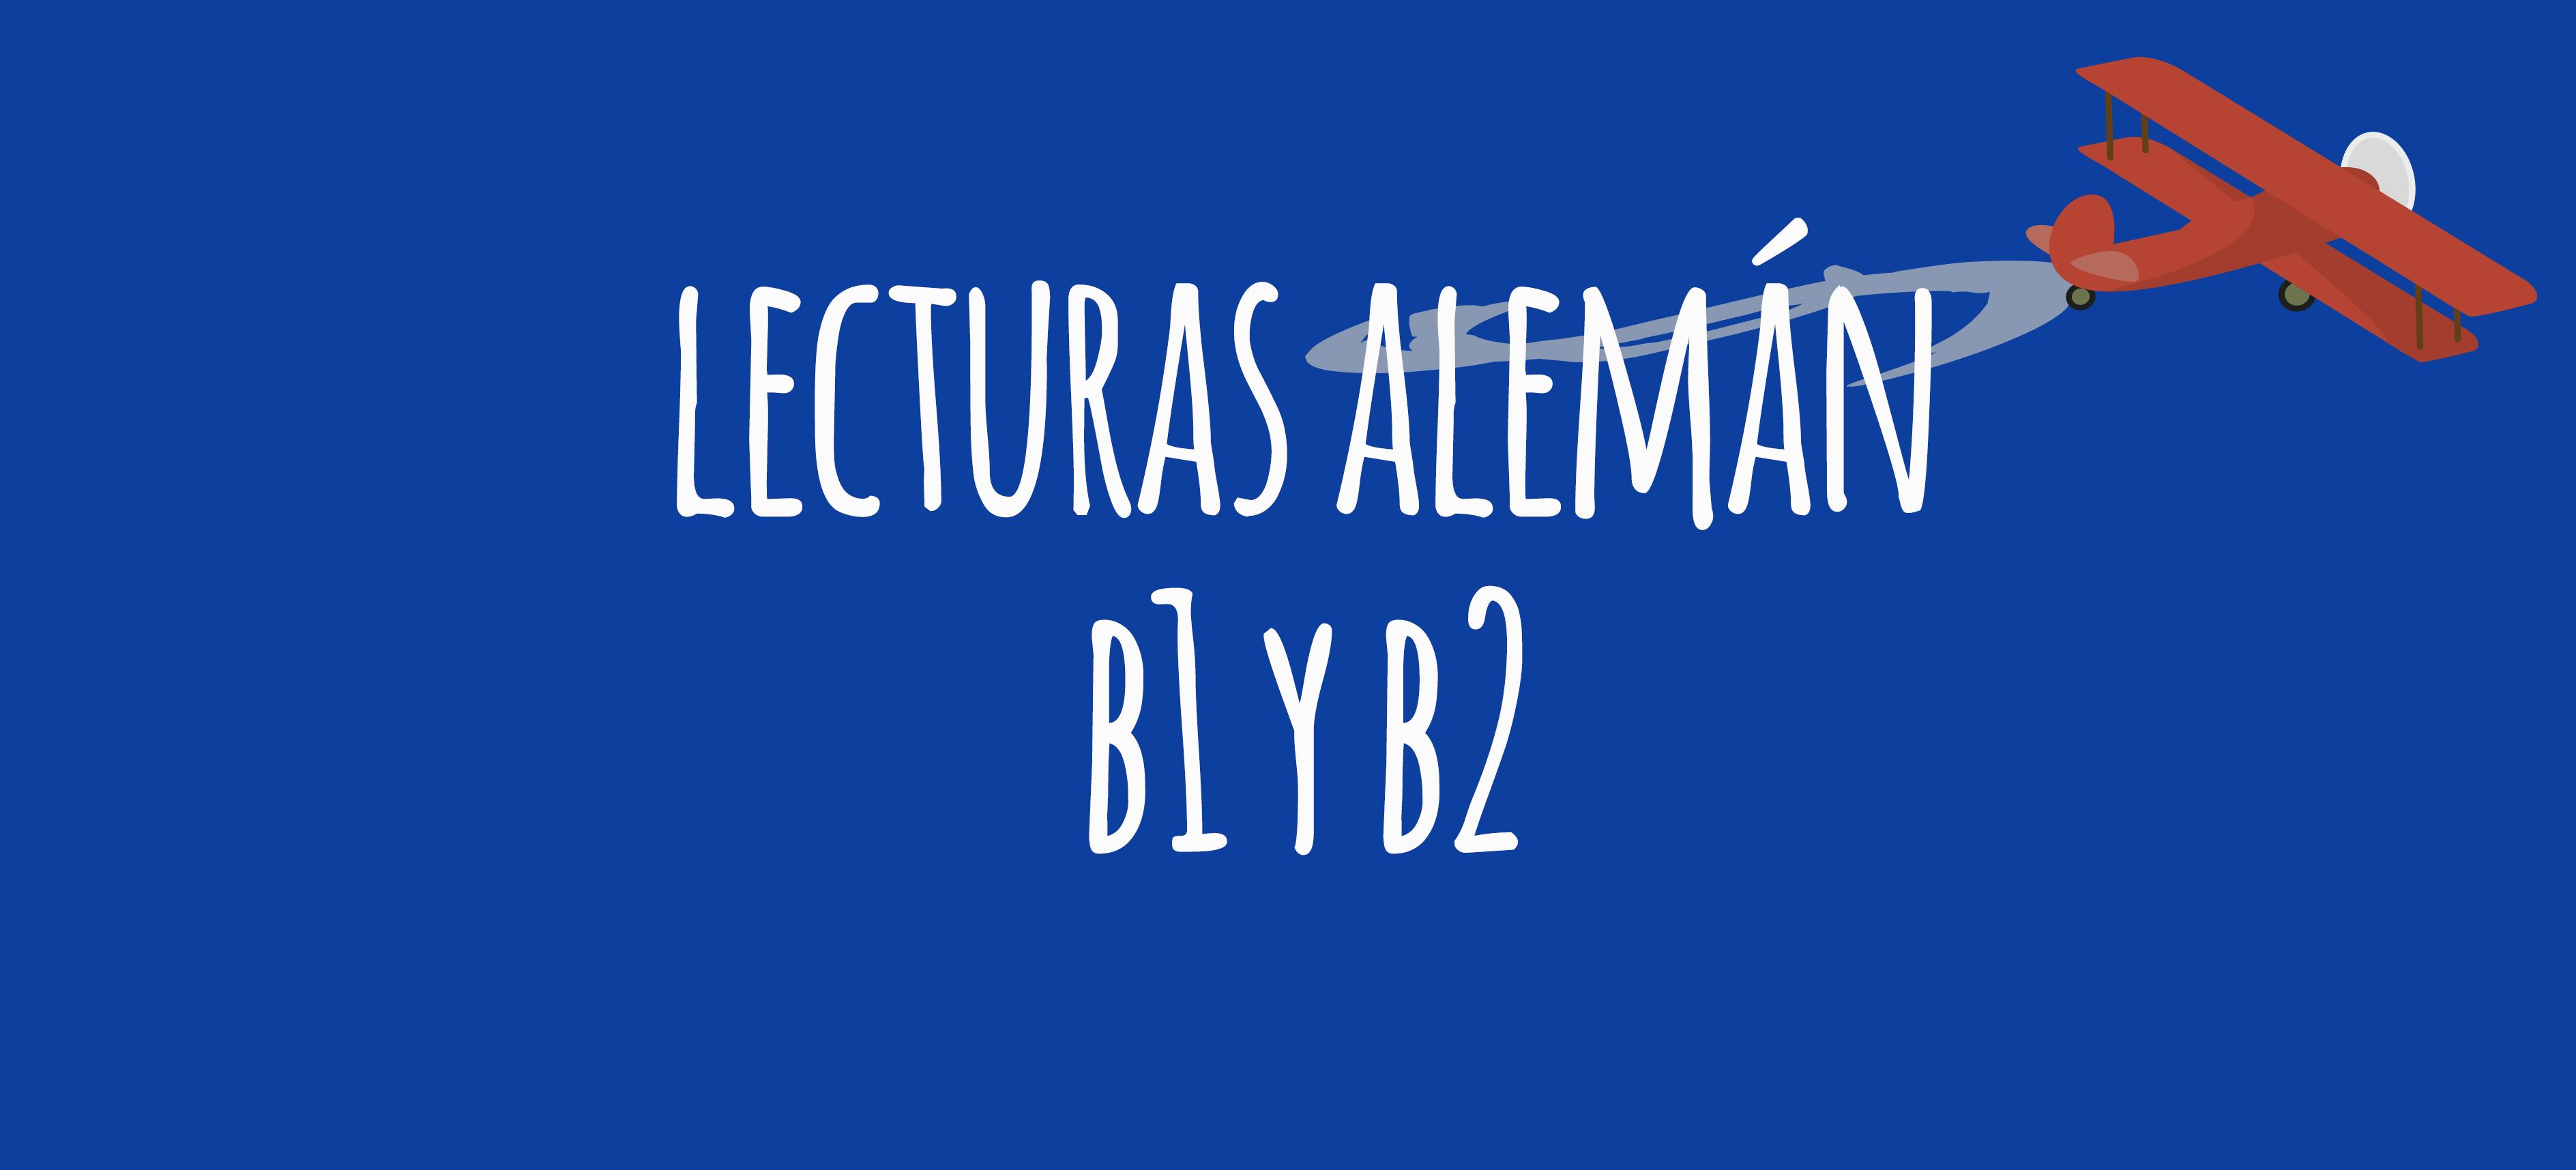 Lecturas Graduadas Alemán B1 Y B2 Elblogdeidiomases